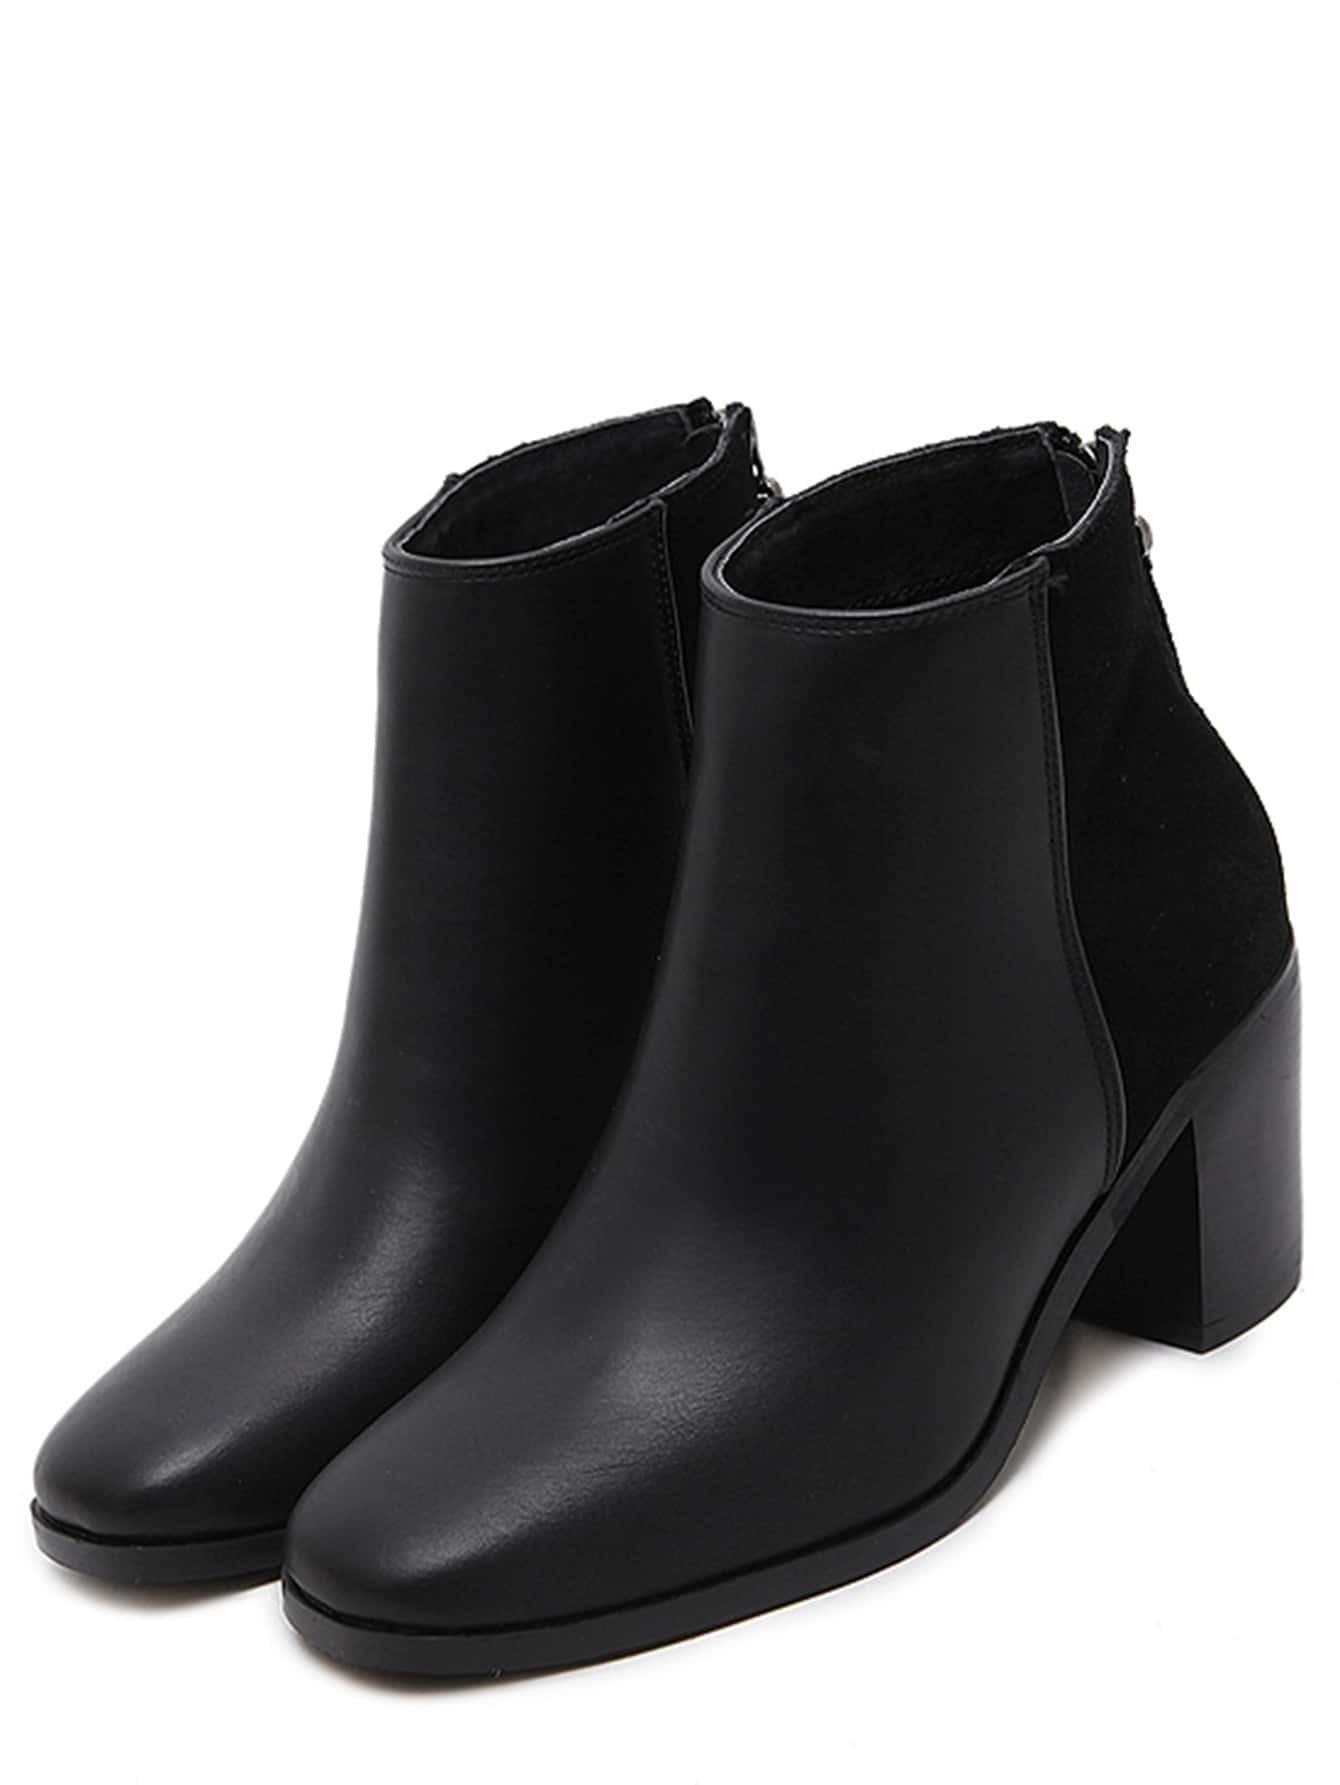 shoes161107813_2